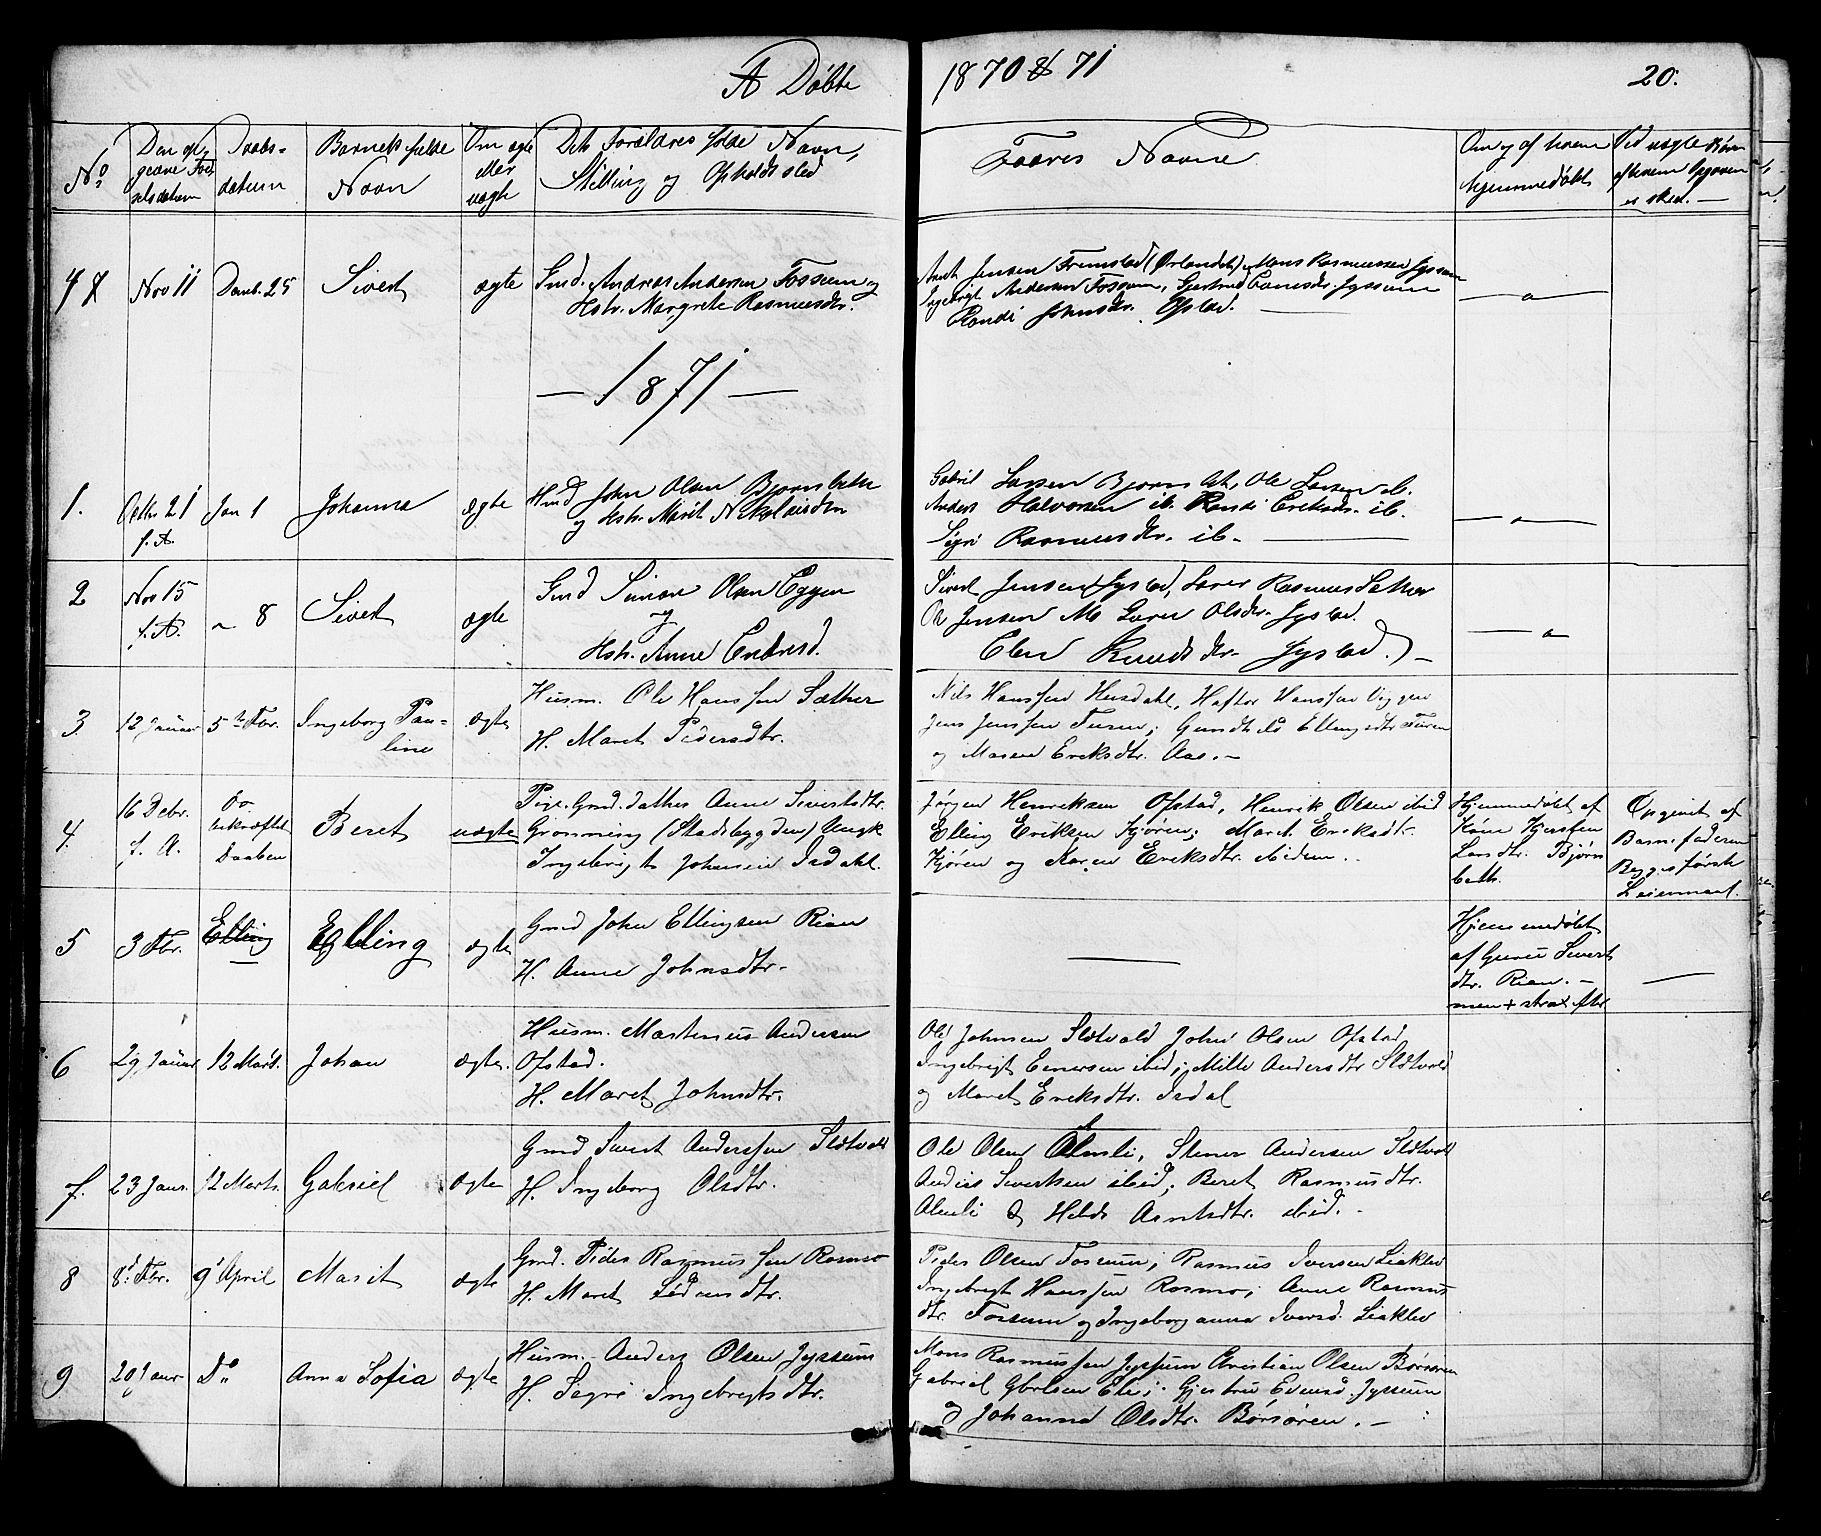 SAT, Ministerialprotokoller, klokkerbøker og fødselsregistre - Sør-Trøndelag, 665/L0777: Klokkerbok nr. 665C02, 1867-1915, s. 20